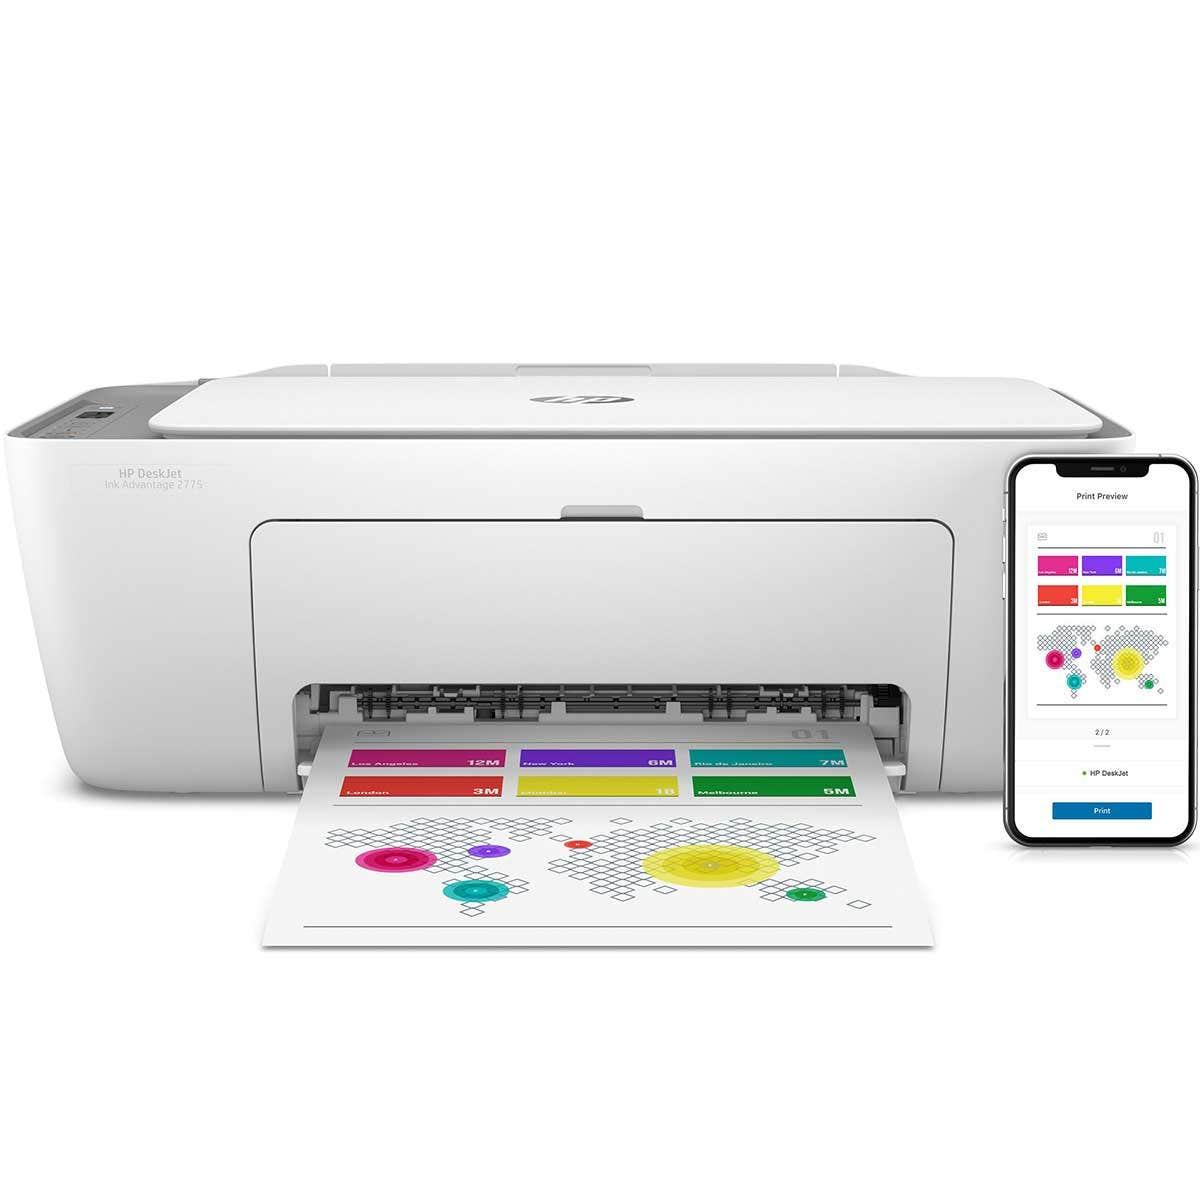 Impresora Multifuncional Inyección HP 2775 AIO